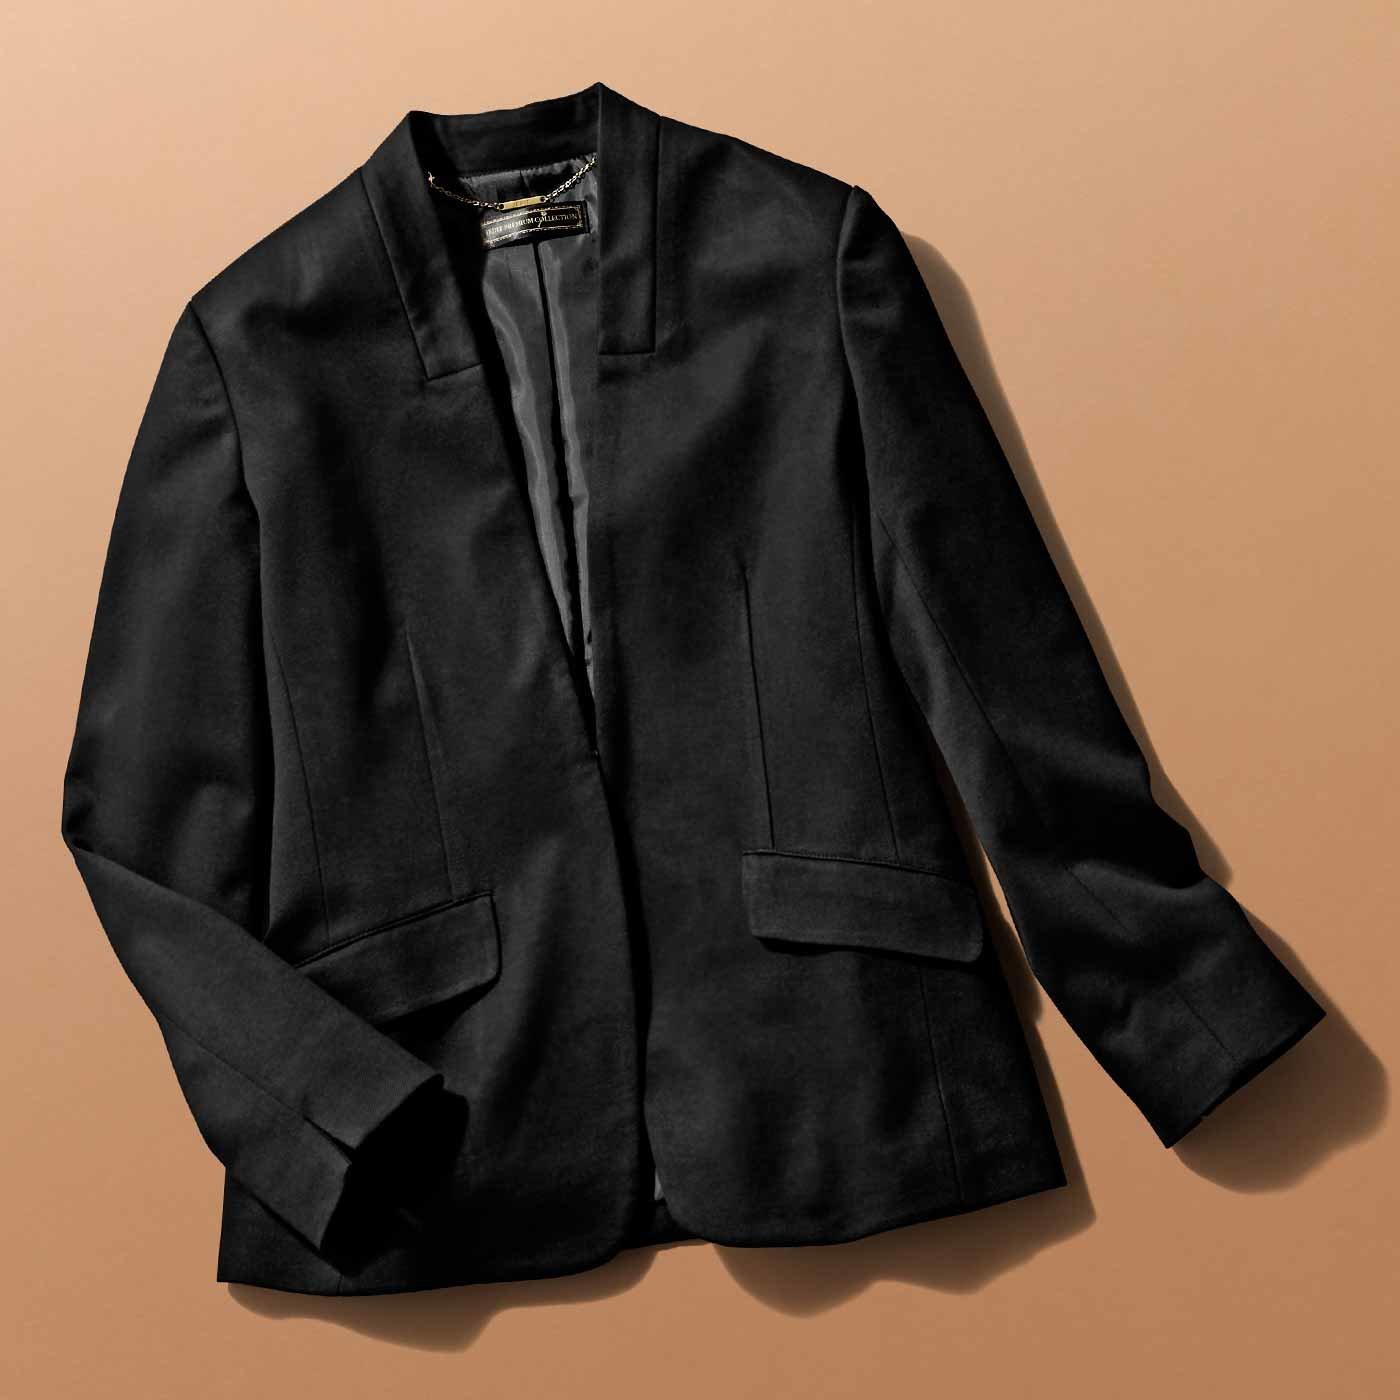 IEDIT 布はく見えカットソー素材の洗練ジャケット〈ブラック〉